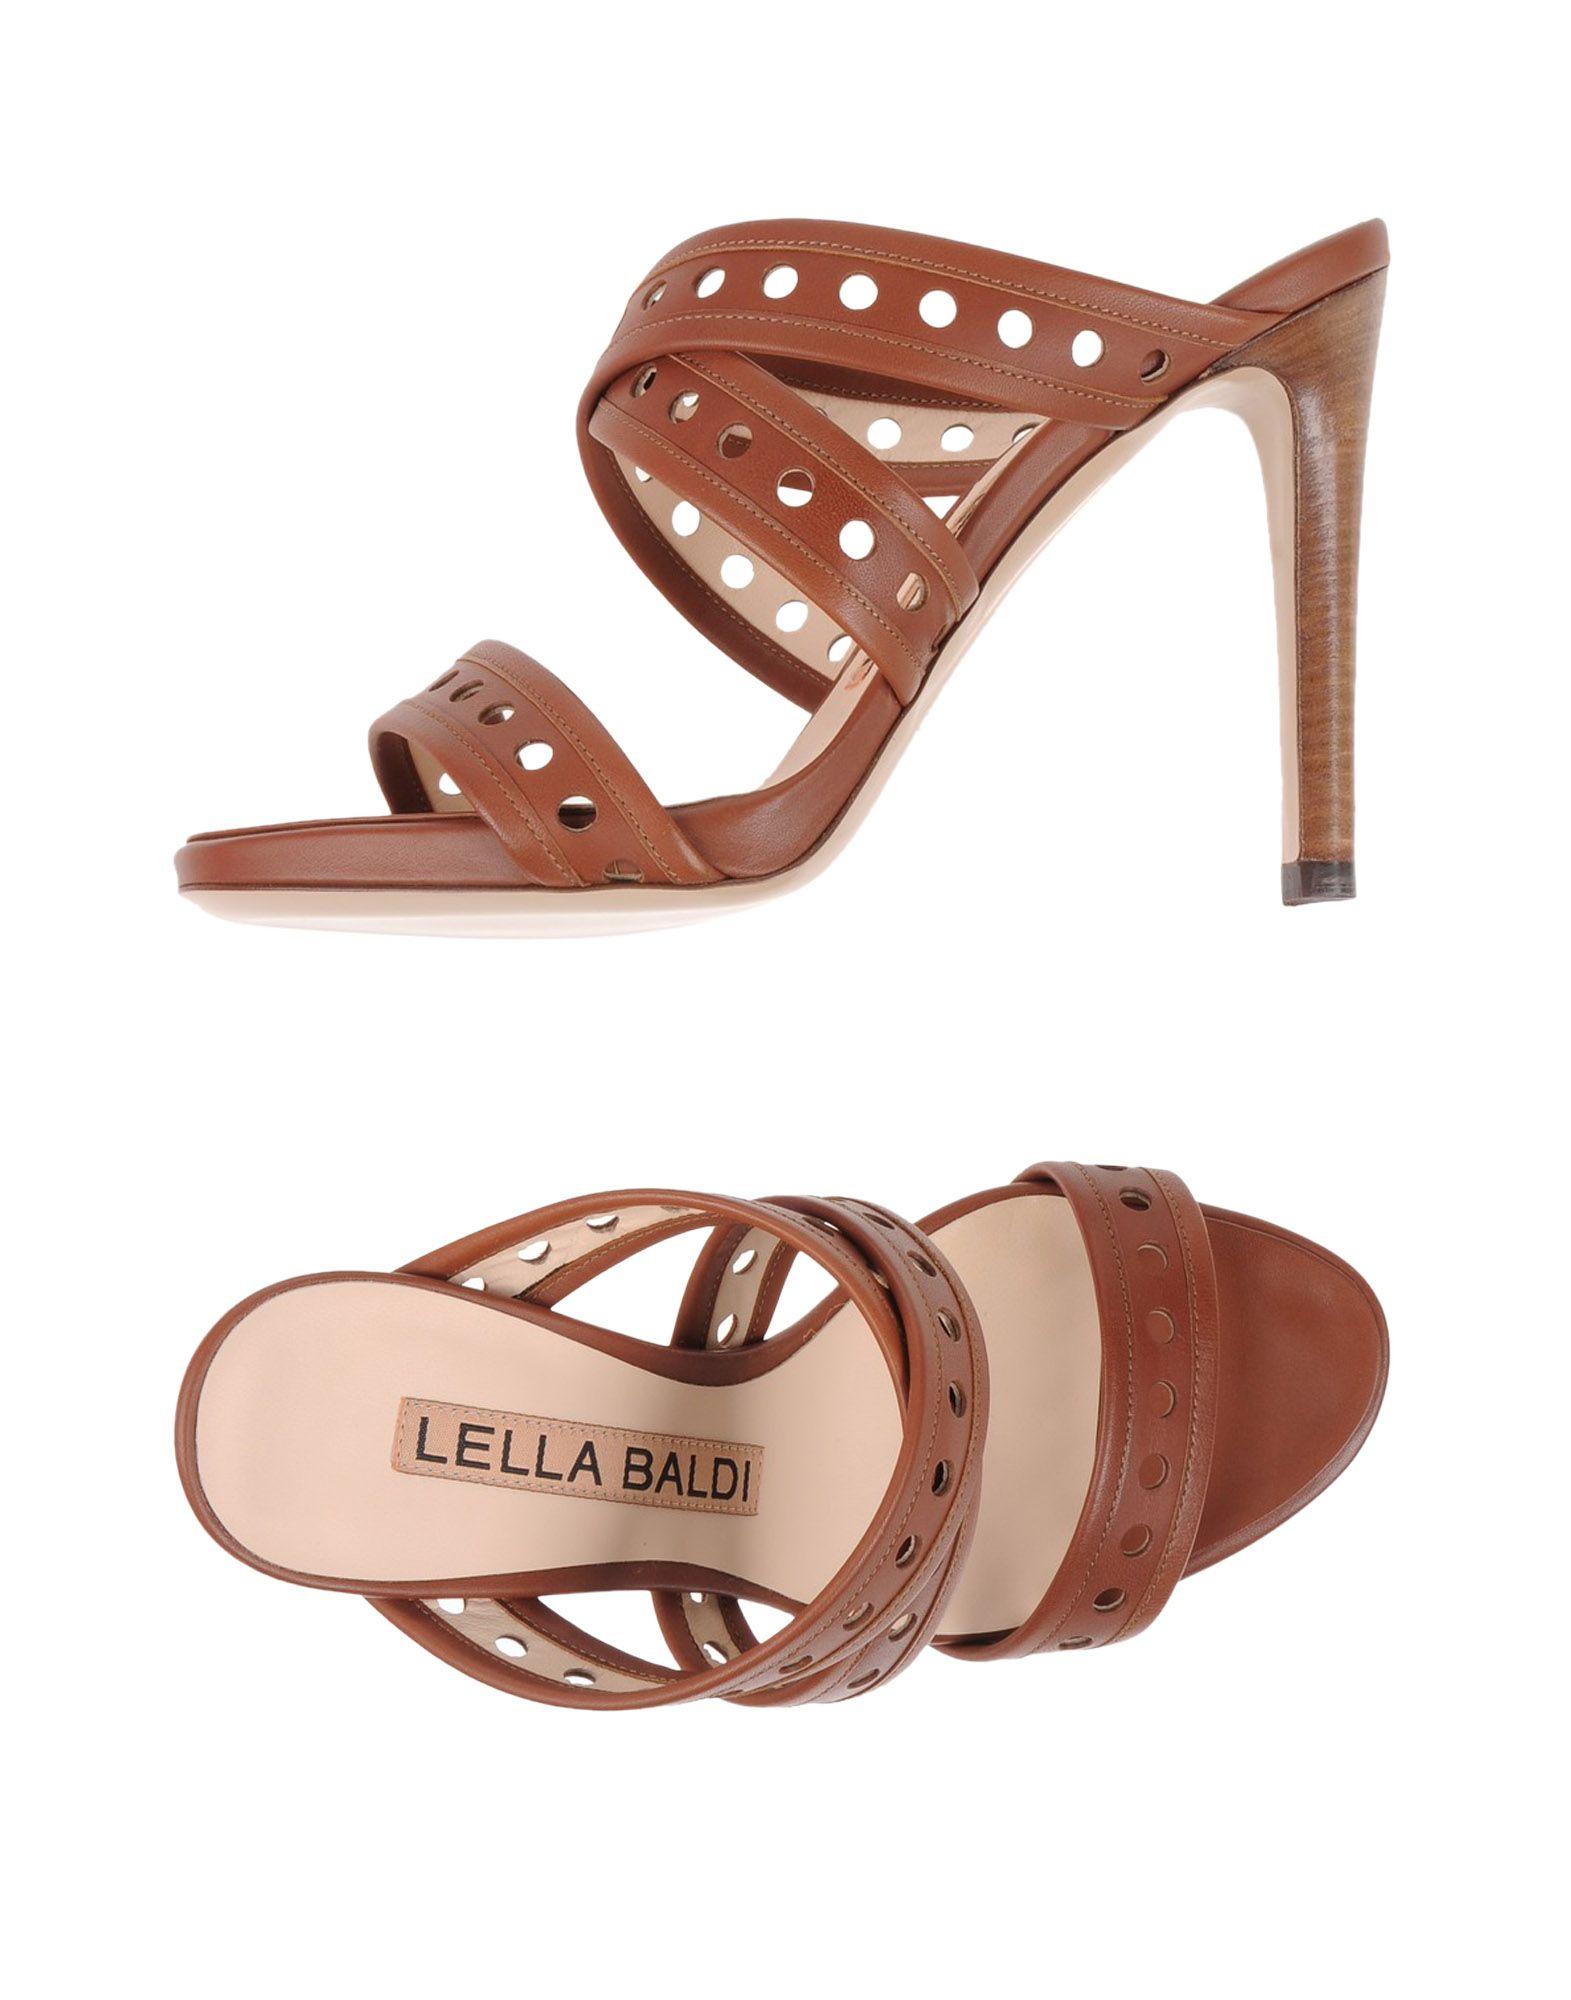 AG127 LELLA BALDI schuhe schwarz satin damen sandalen EU 37